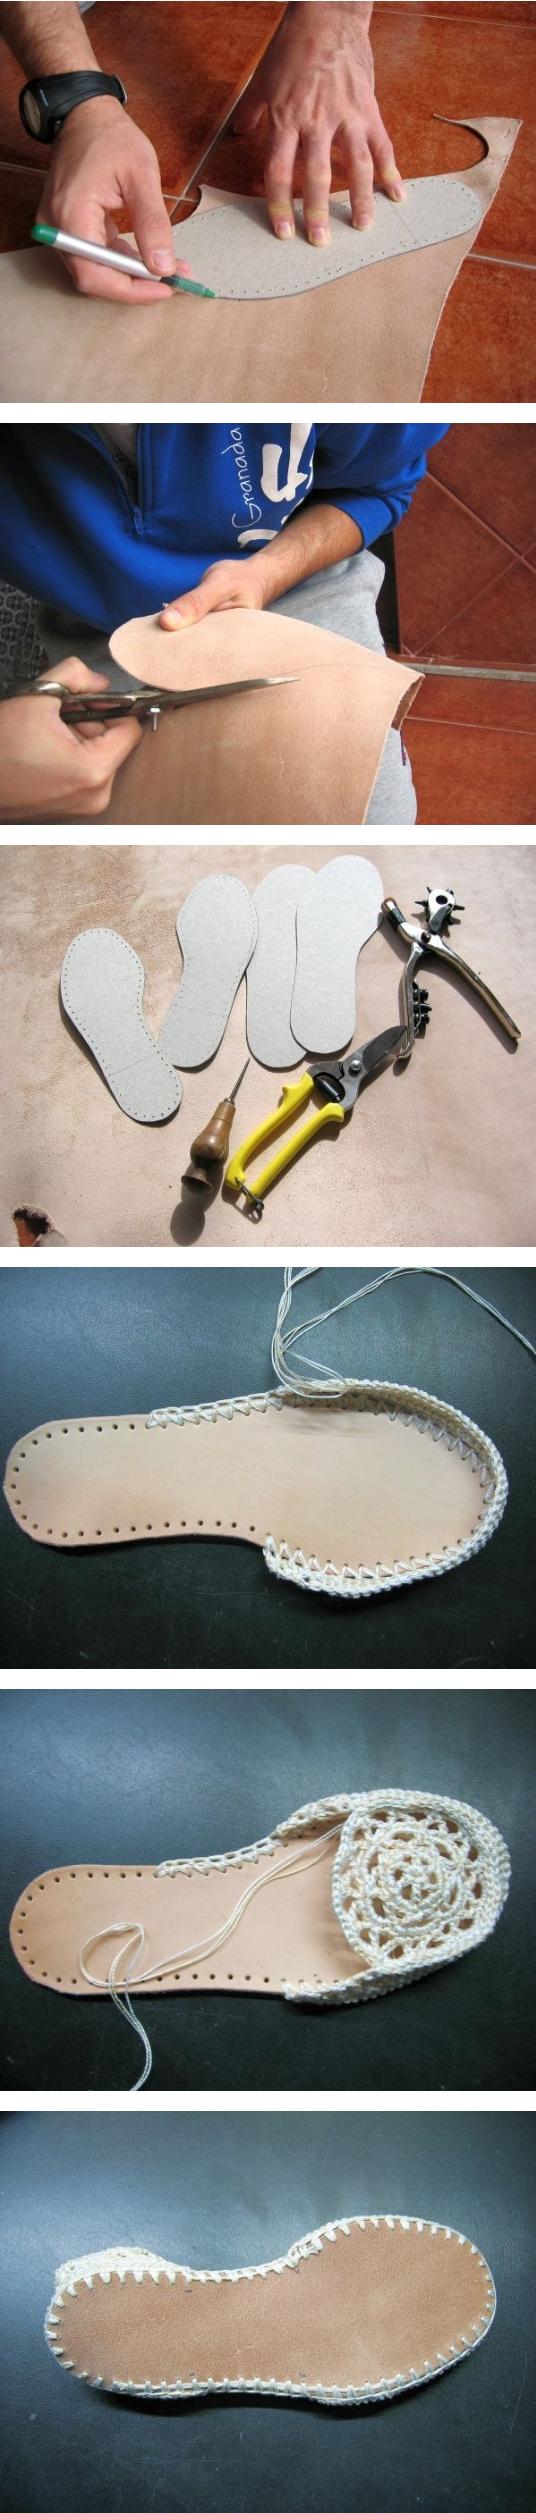 sohlen f r h kel hausschuhe selber zuschneiden aus dickem filz oder aus leder stricken. Black Bedroom Furniture Sets. Home Design Ideas